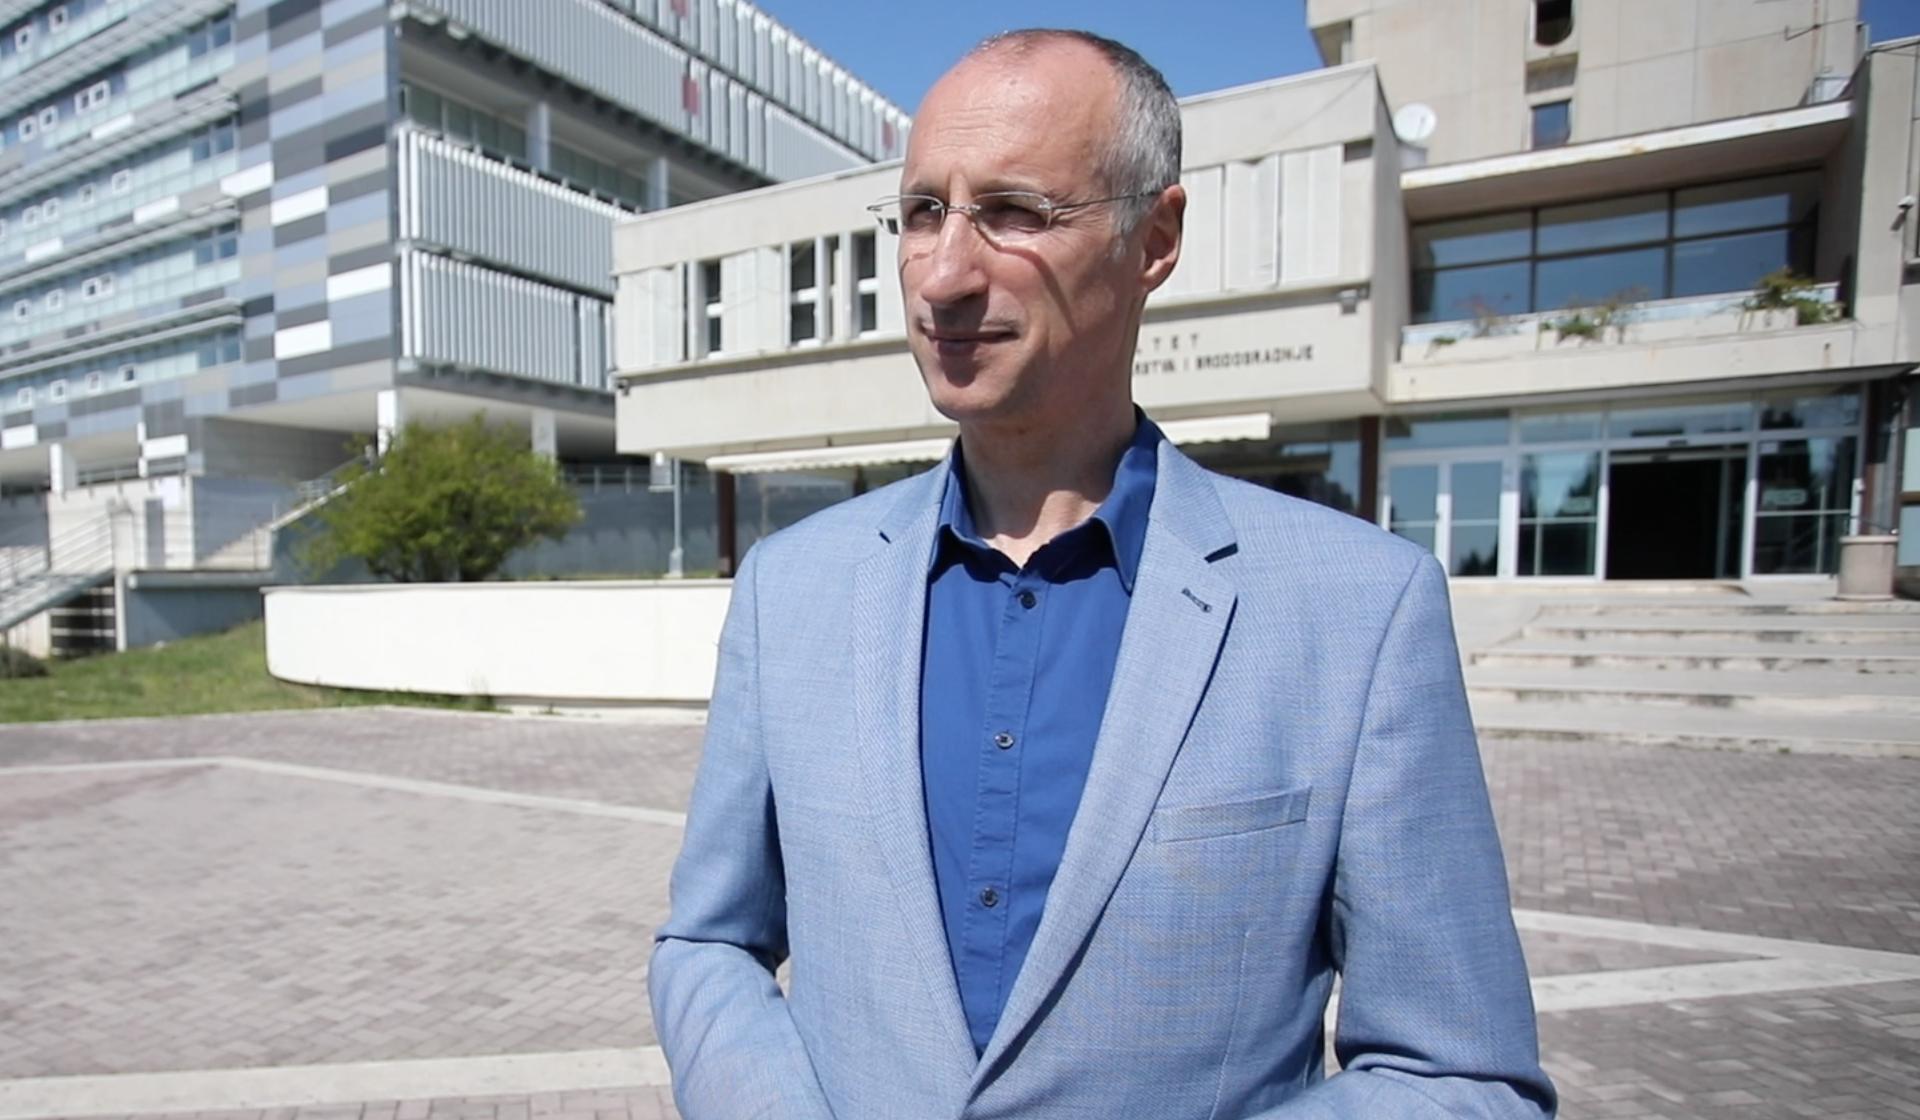 'Slavoniju vidimo kao centar inovacija, poduzetništva...'